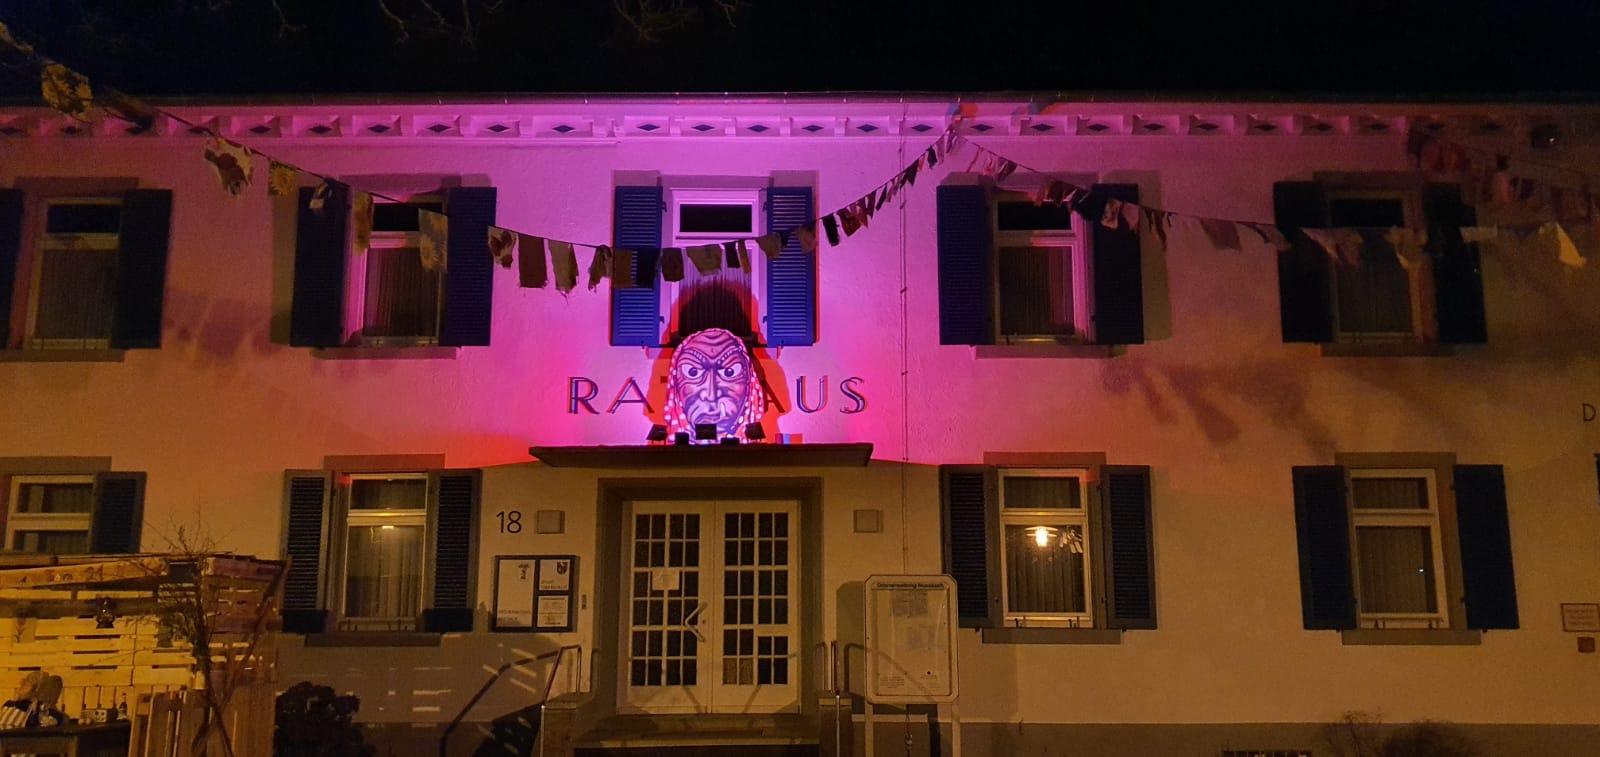 Das von der Narrenzunft dekorierte Rathaus  bei Nacht